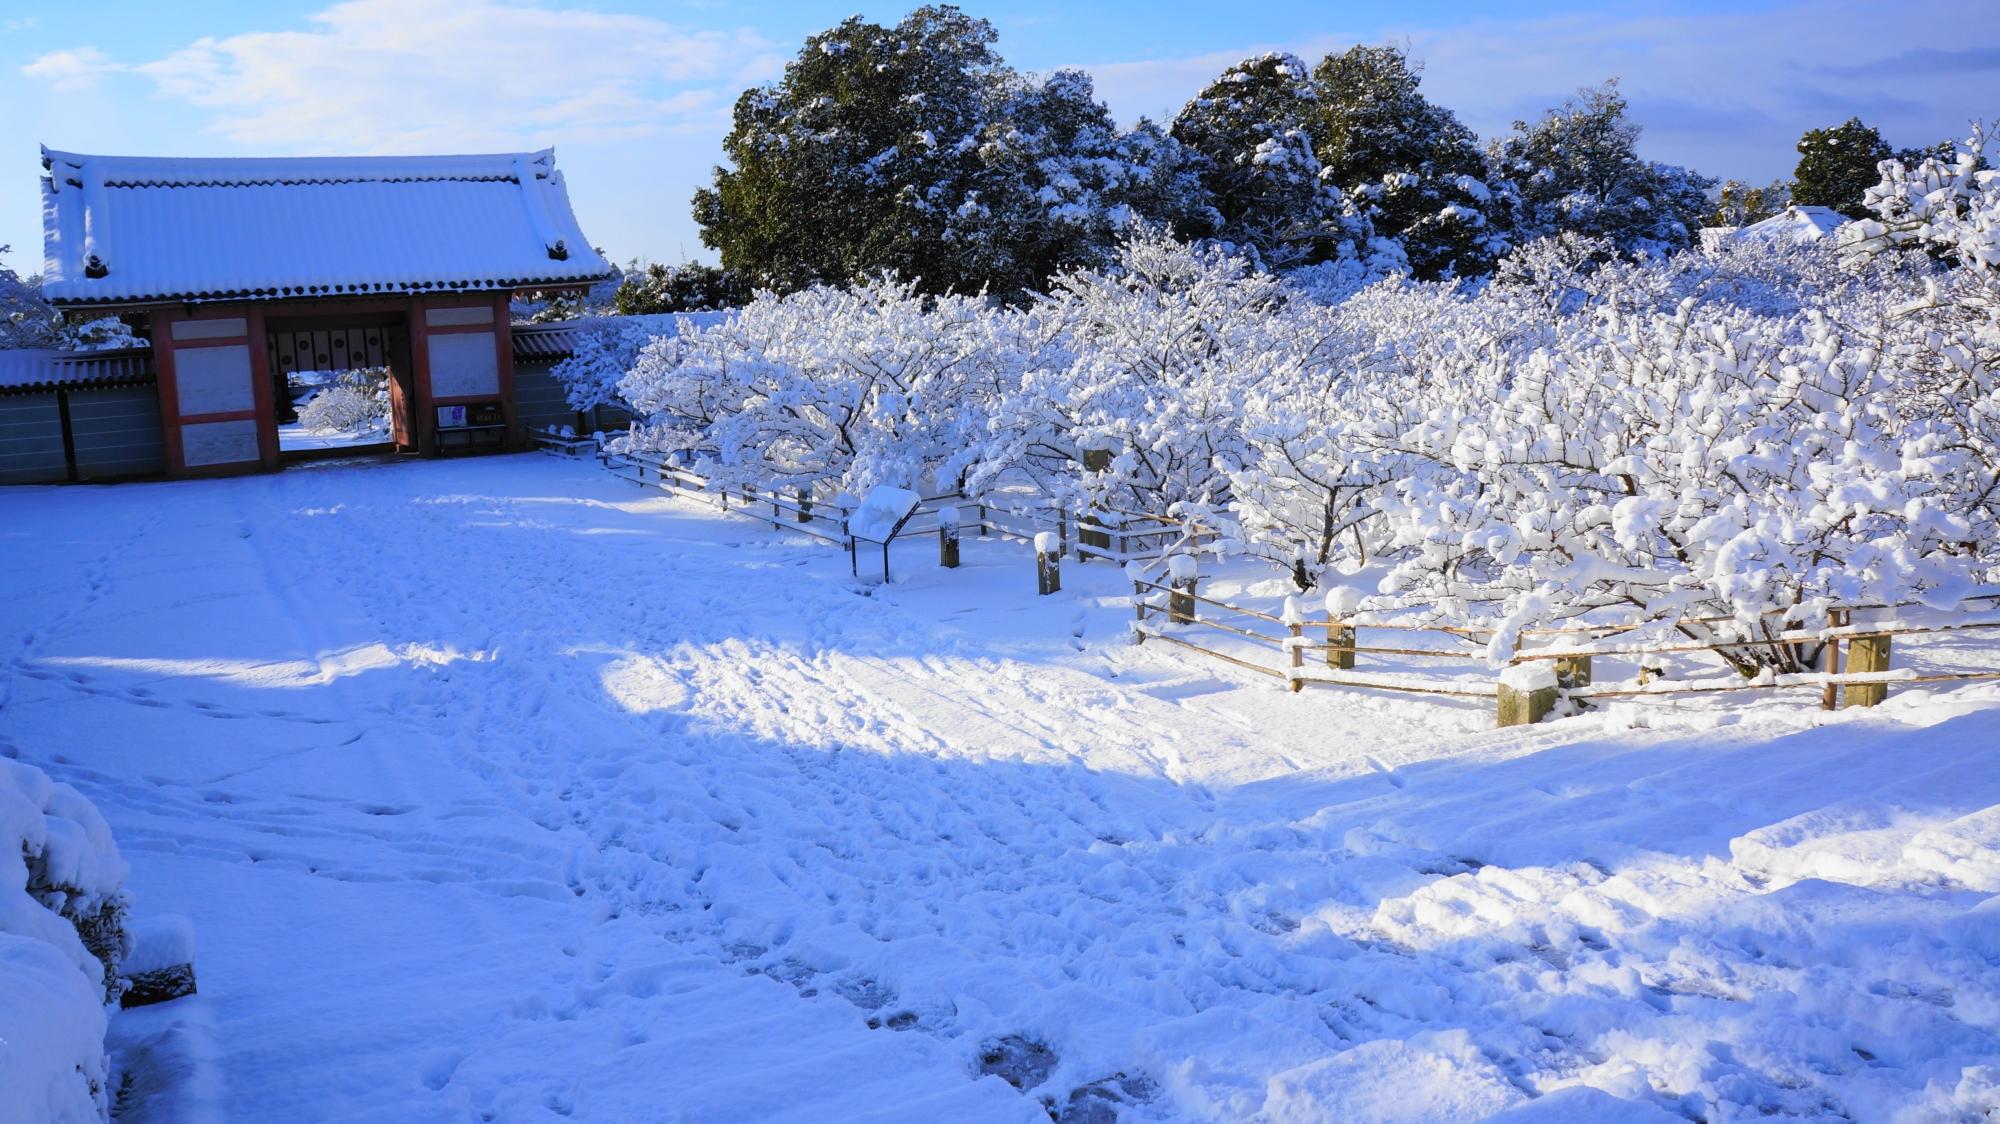 仁和寺の白銀の御室桜